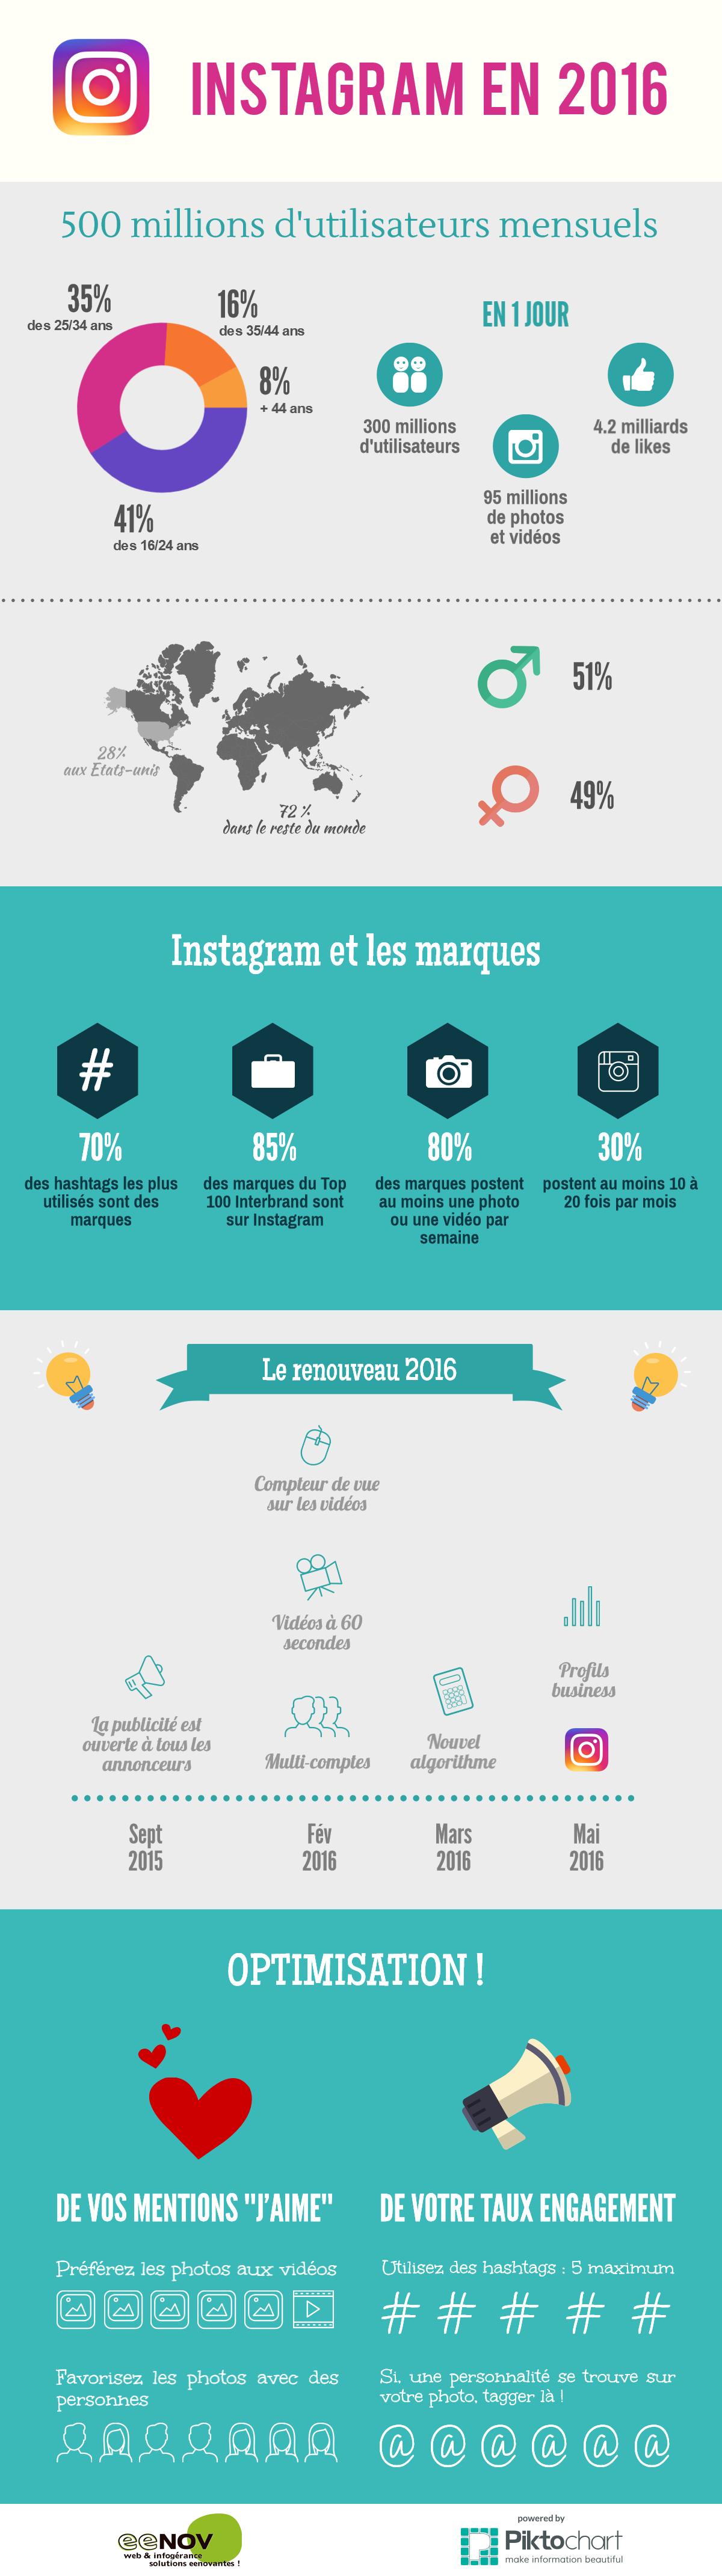 Infographie des chiffres clés d'Instagram en 2016